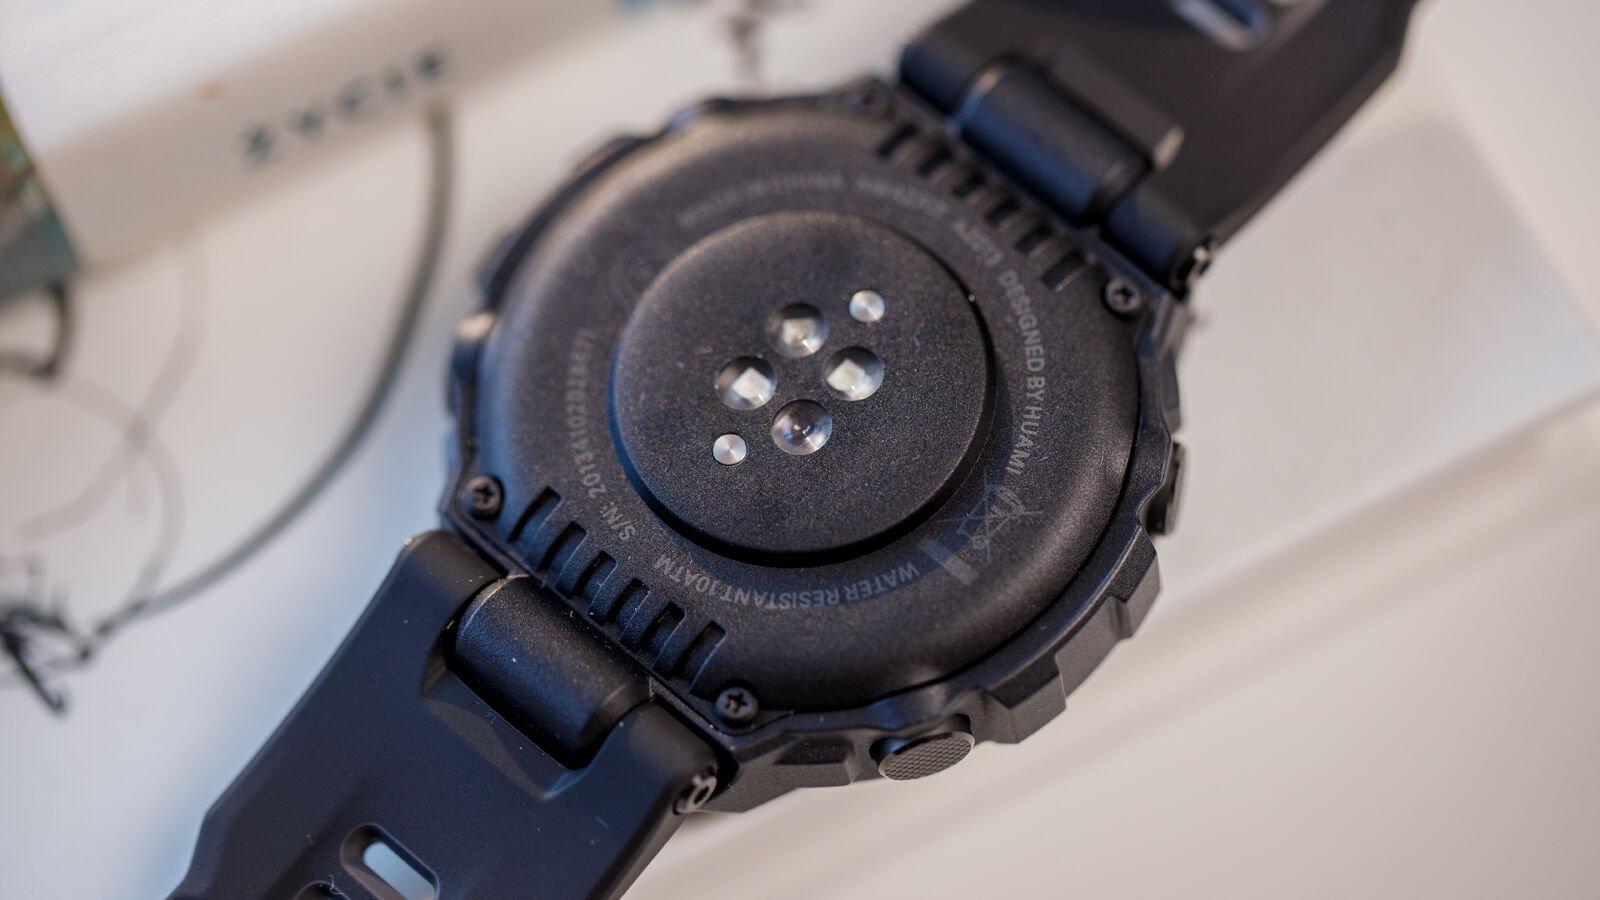 Amazfit T-Rex Pro PPG sensor